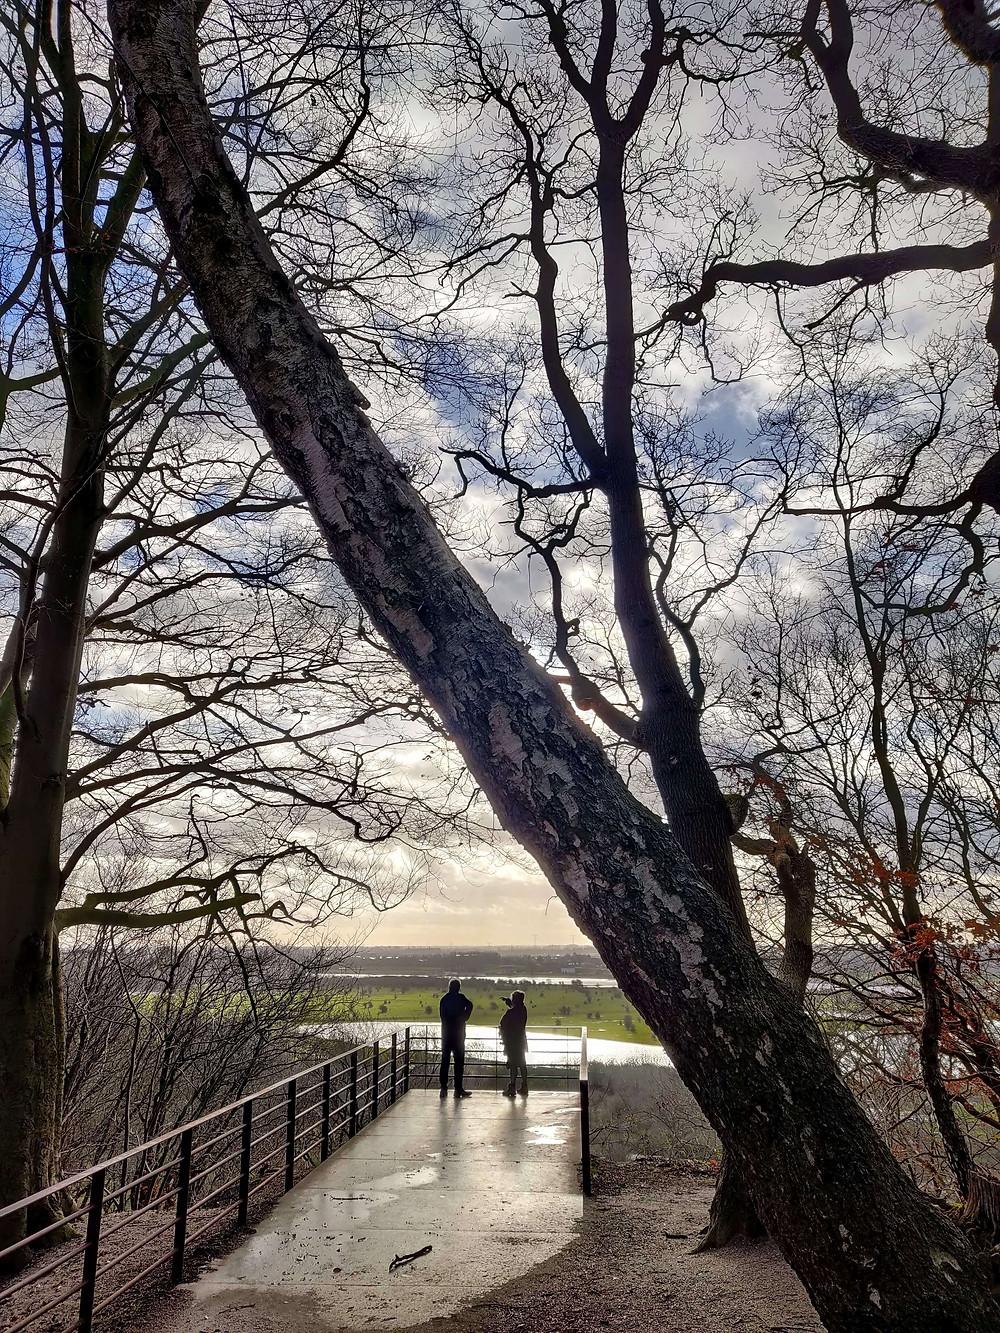 תצפית יפה על נהר הניידר-ריין אליה מוביל גרם מדרגות מסקרן.